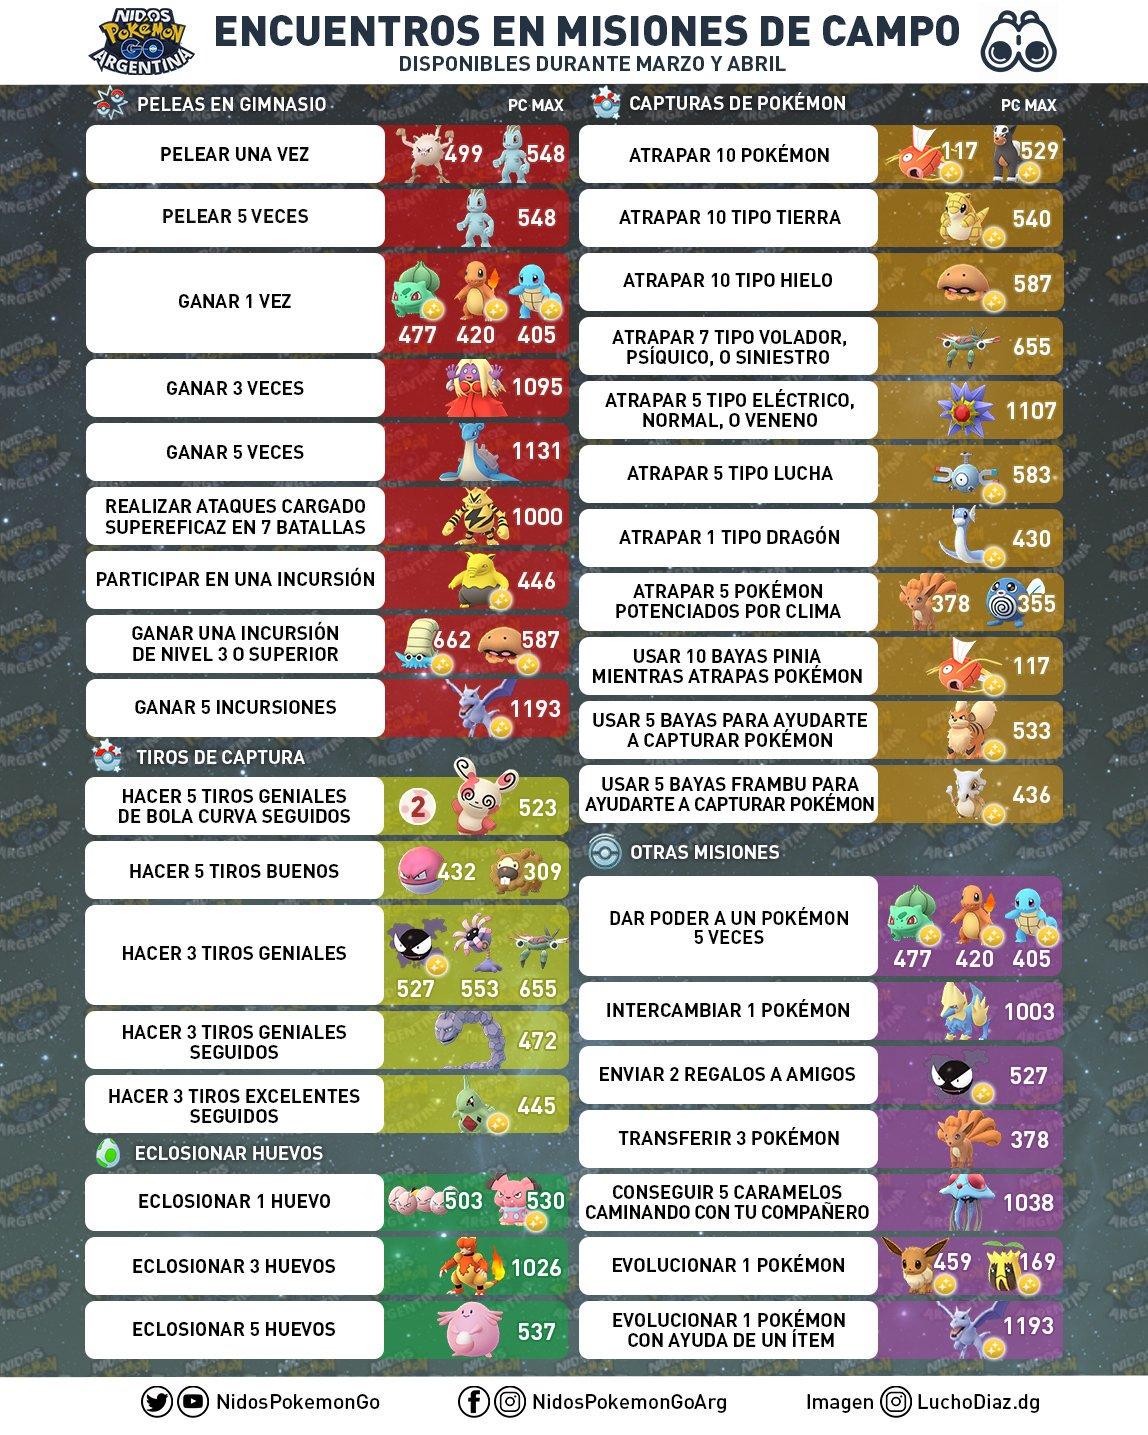 Imagen hecha por Nidos Pokémon GO Argentina sobre todas las tareas en la investigación de campo Marzo y Abril 2019 en Pokémon GO